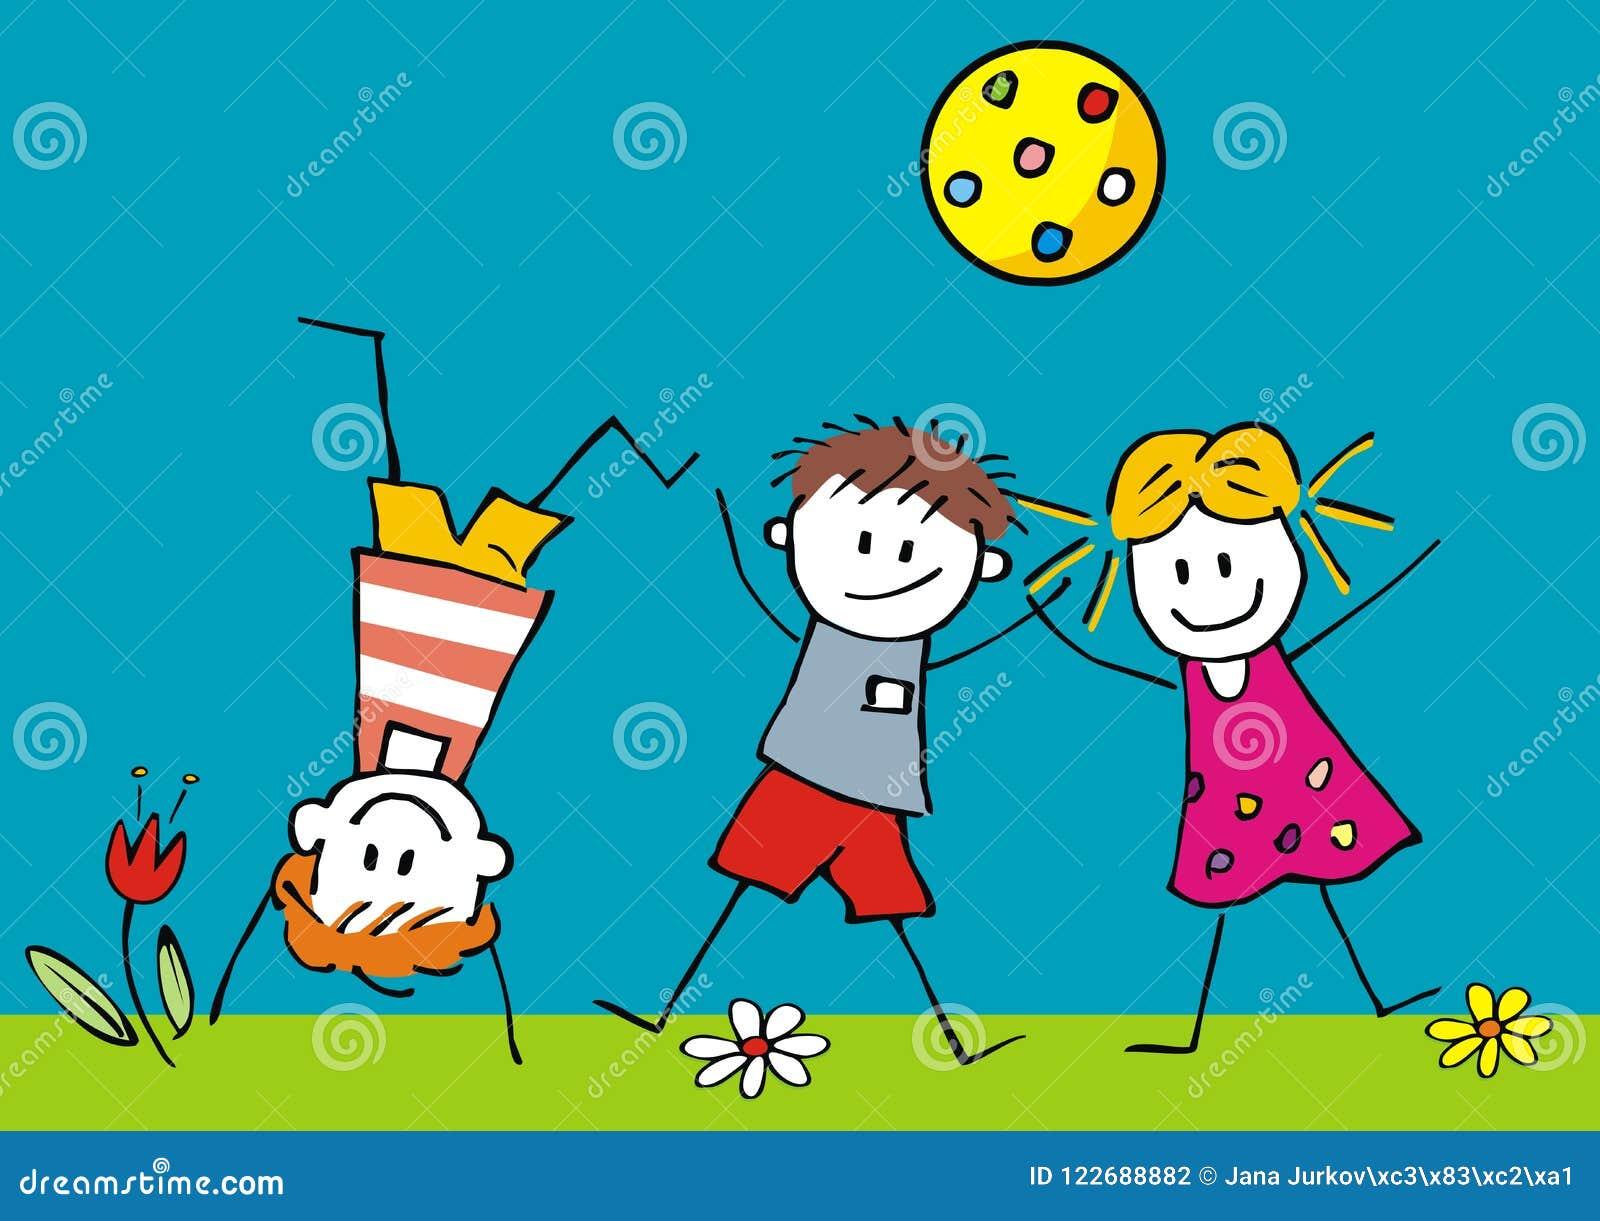 Bambini E Palla Felici Sul Prato Illustrazione Di Vettore